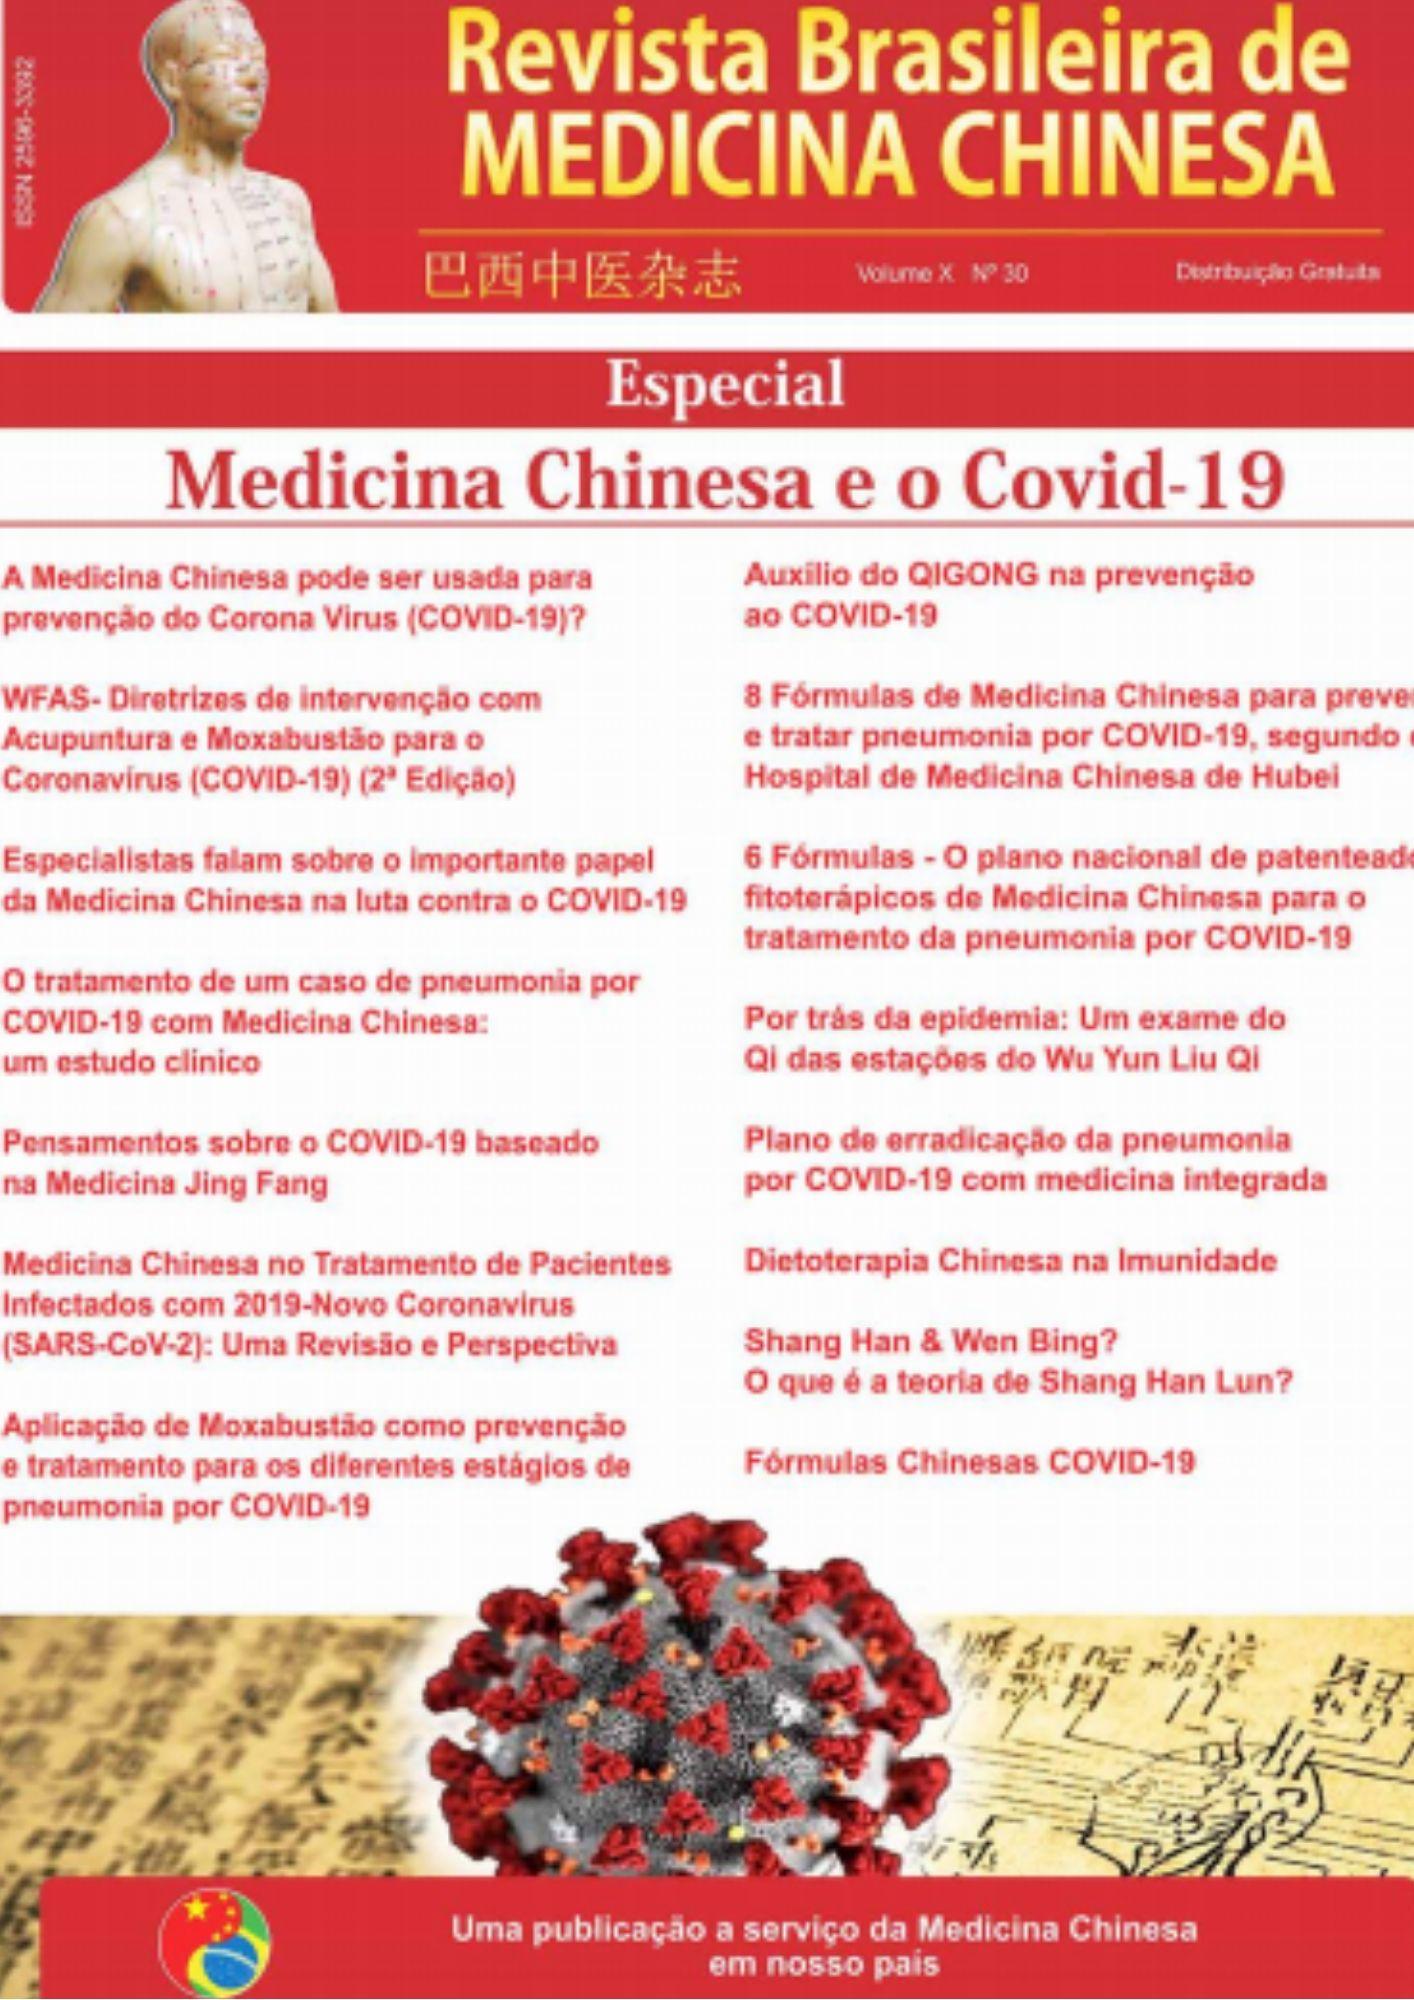 Revista Brasileira de Medicina Chinesa Especial COVID-19